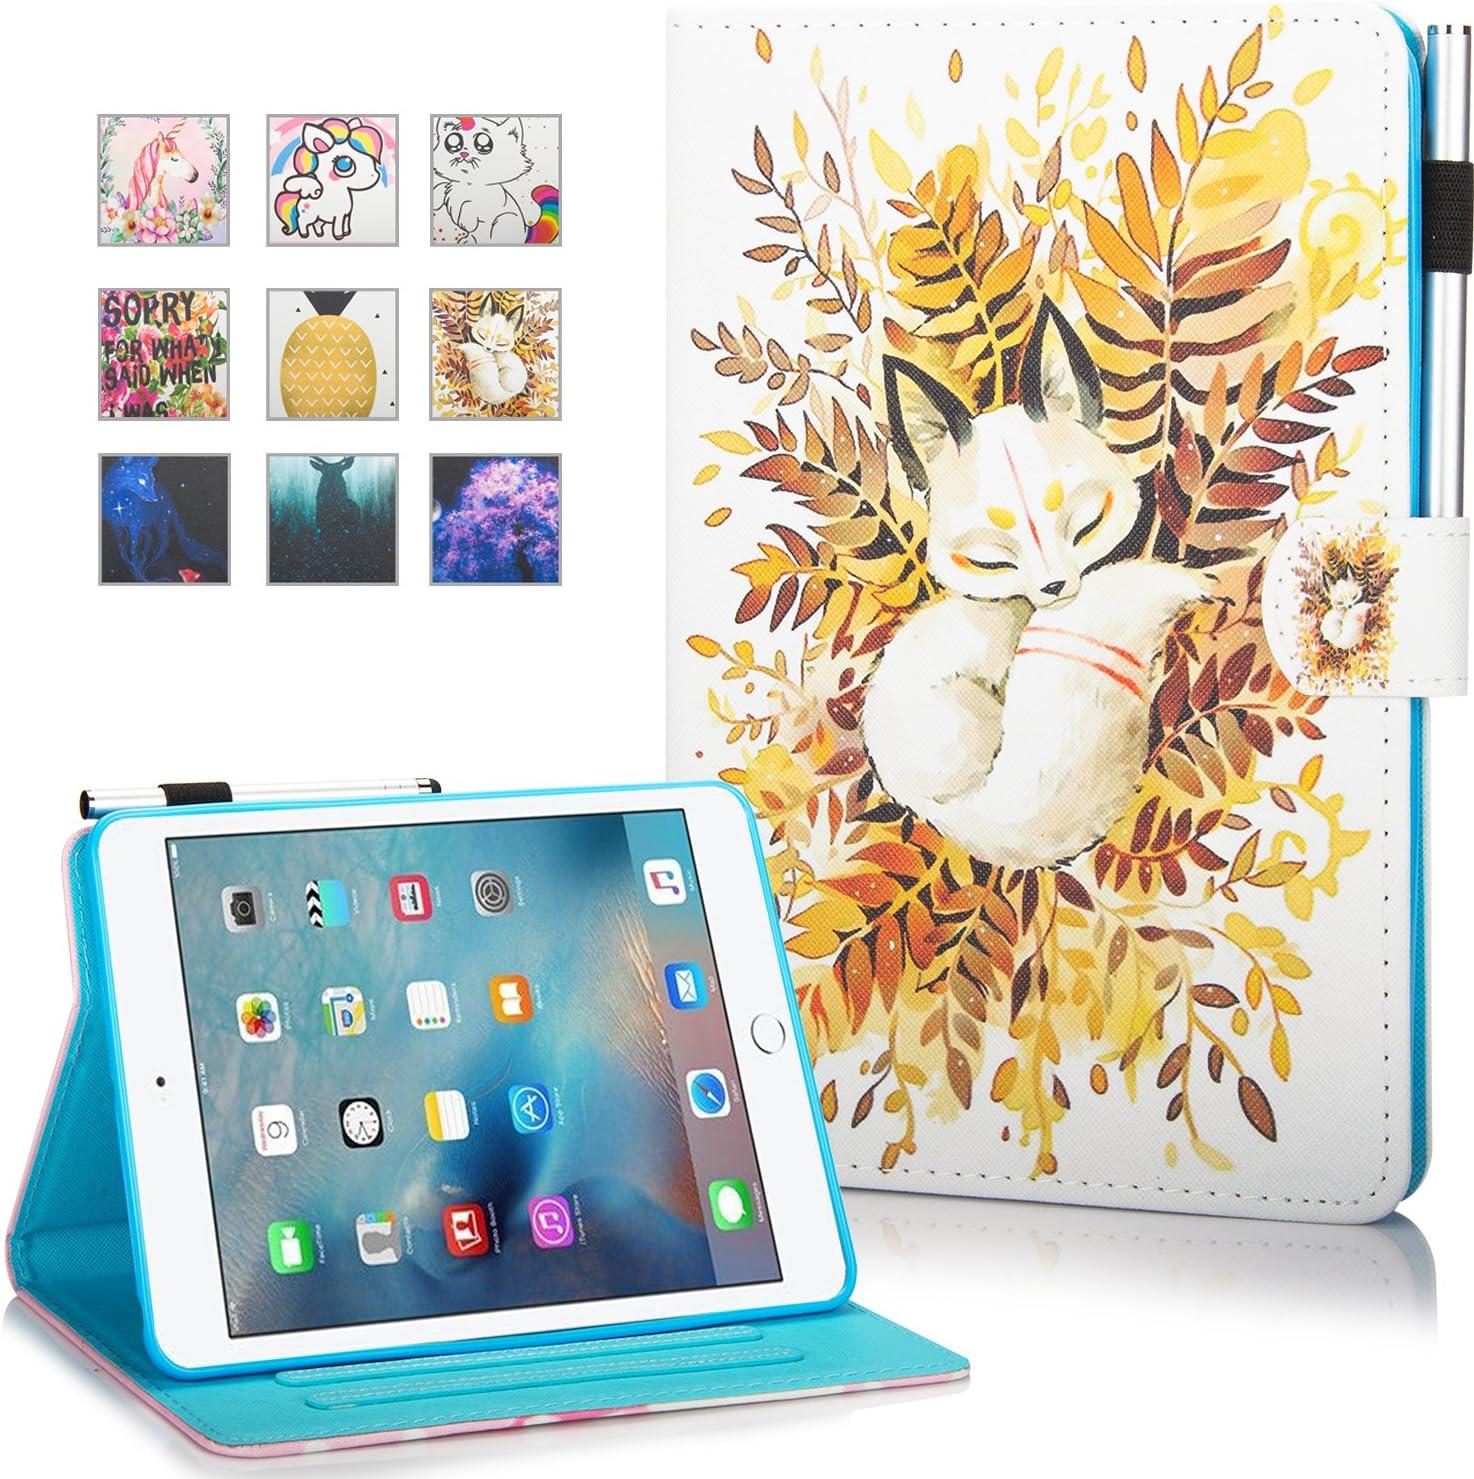 iPad Mini Case, Mini 2 3 4 Mini 5 Case Cover, MonsDirect Leather Smart Kickstand Case Flip Wallet Protective Case Compatible with Apple iPad Mini 1 2 3 4 Mini 5 2019, Baby Fox